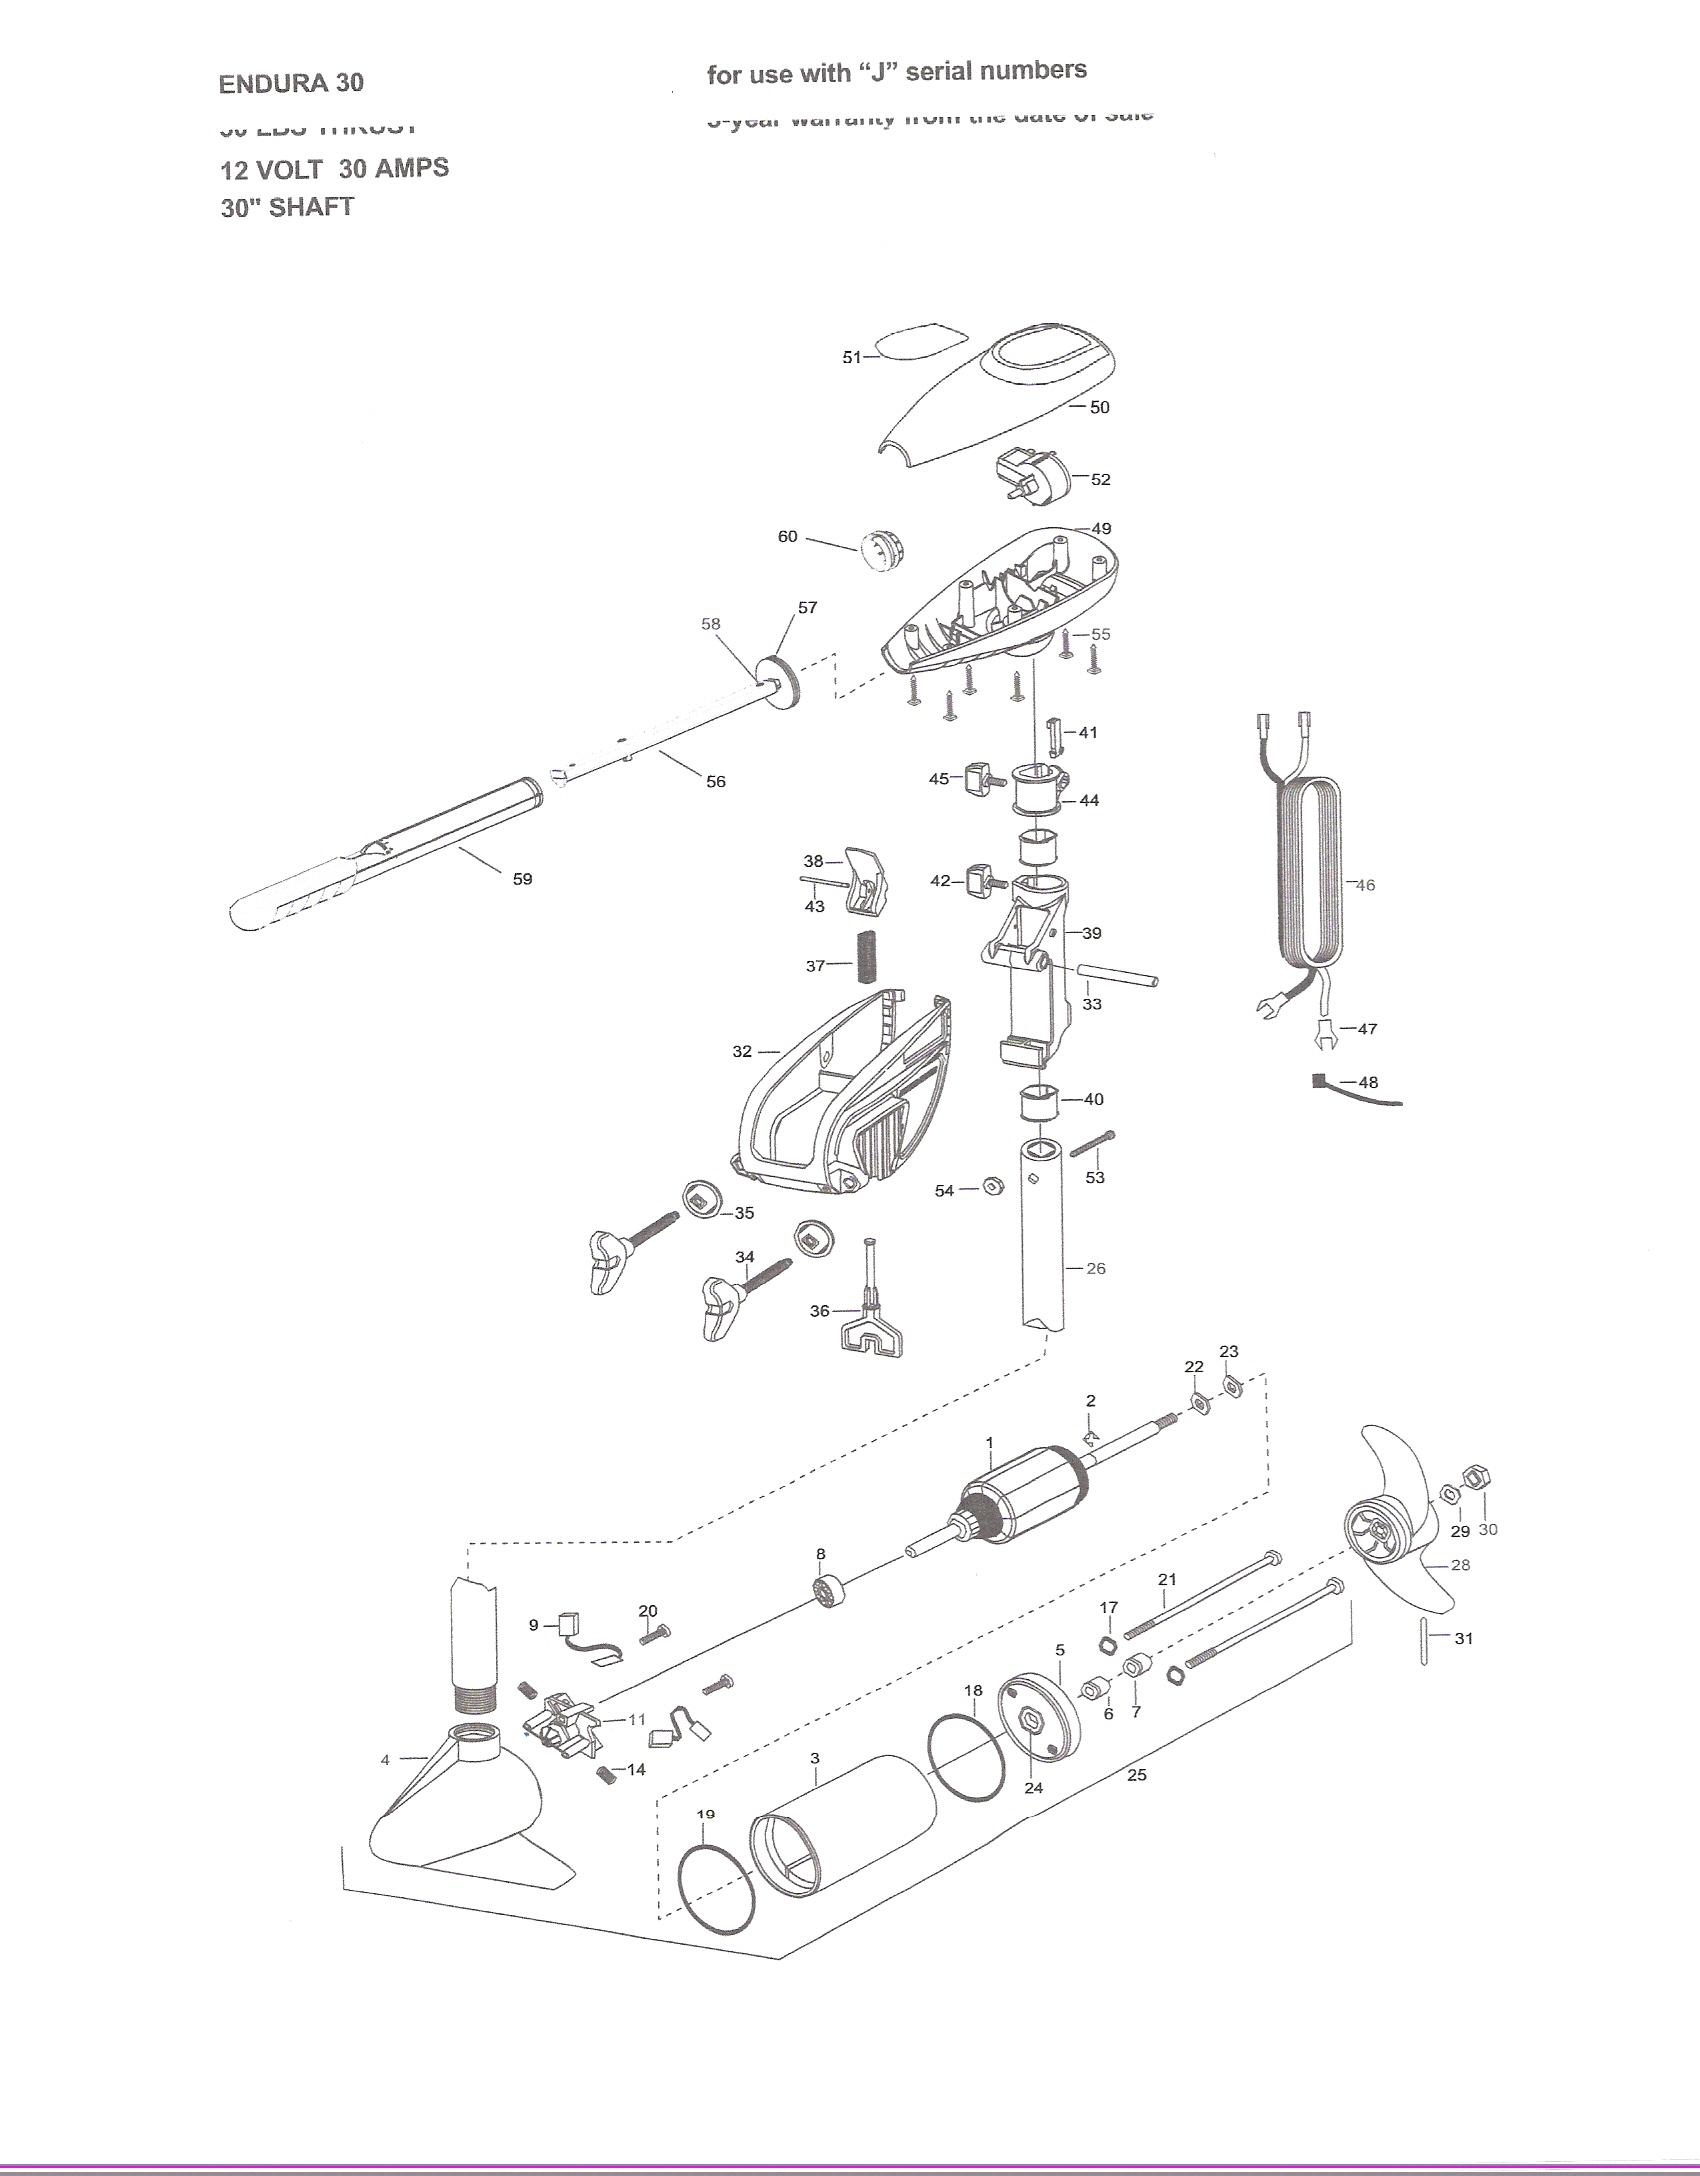 2012 02 29_122347_scan0067 minn kota parts diagram parts kota diagram minn maxxum44 \u2022 45 63 74 91  at gsmportal.co